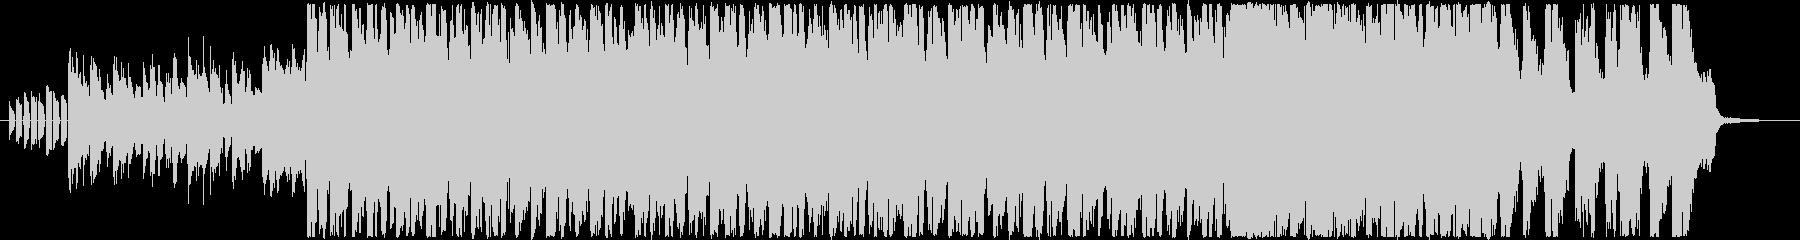 コーナータイトル_スポーツ系30秒の未再生の波形